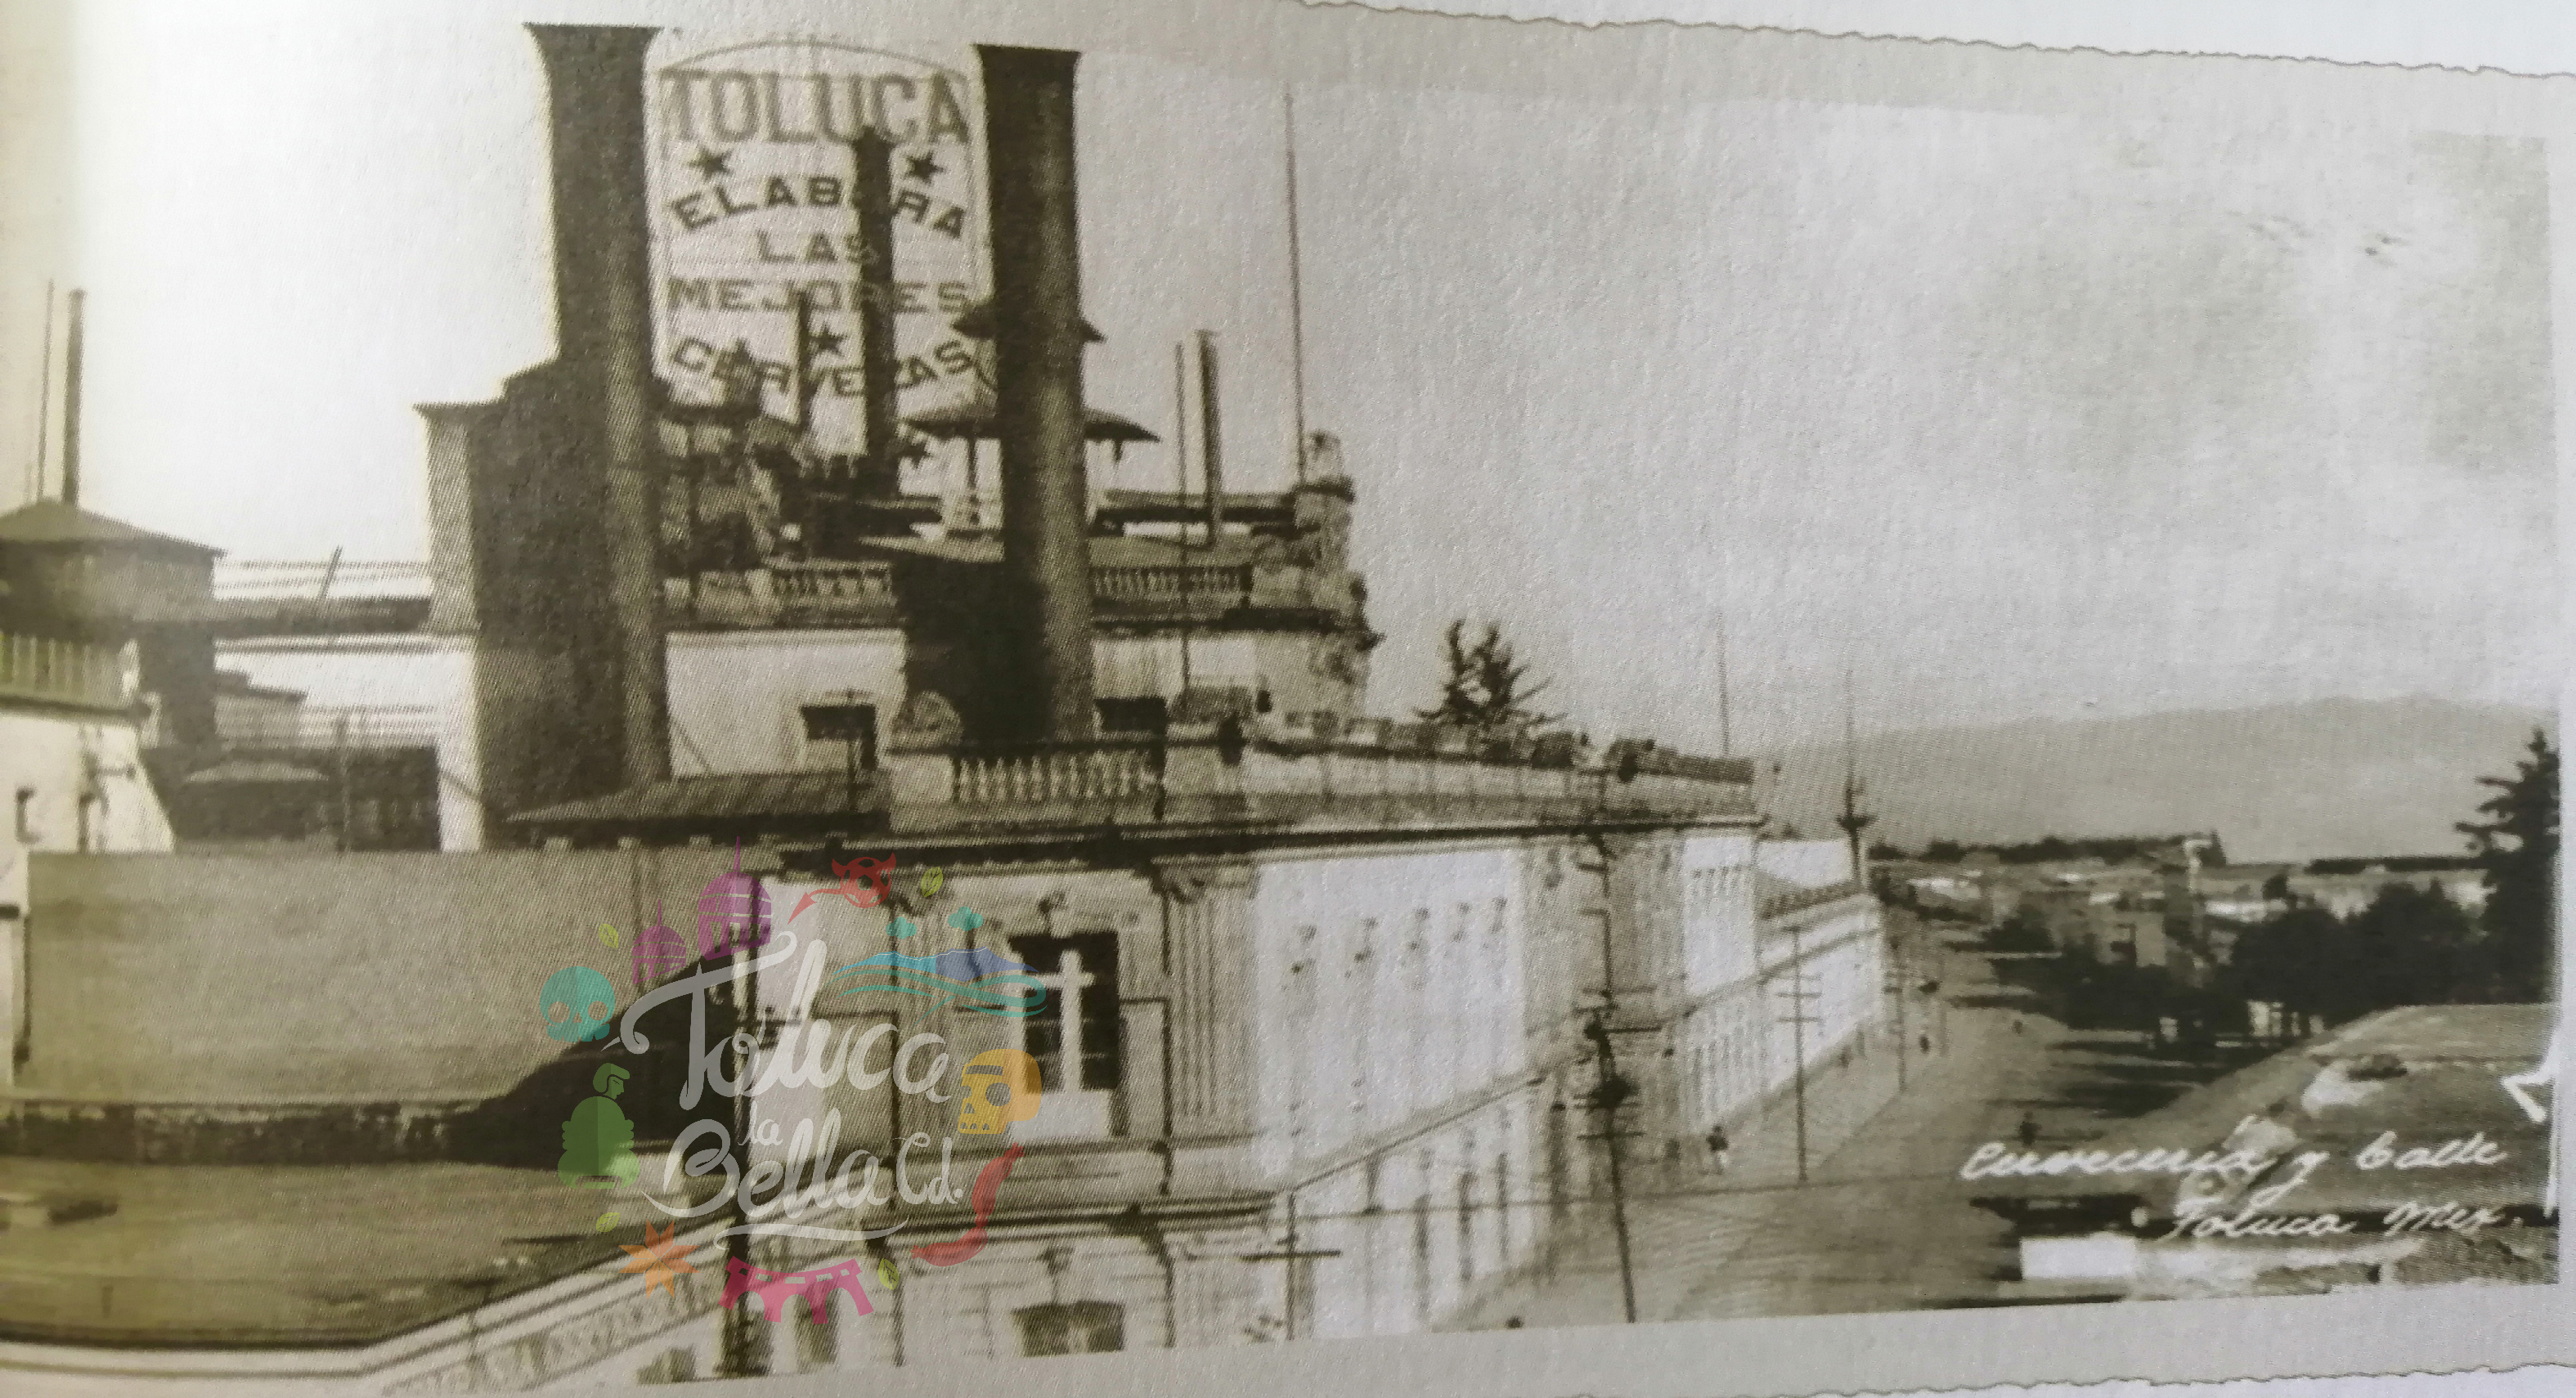 Toluca Ayer y Hoy    Compañía Cervecera Toluca y México; orígenes